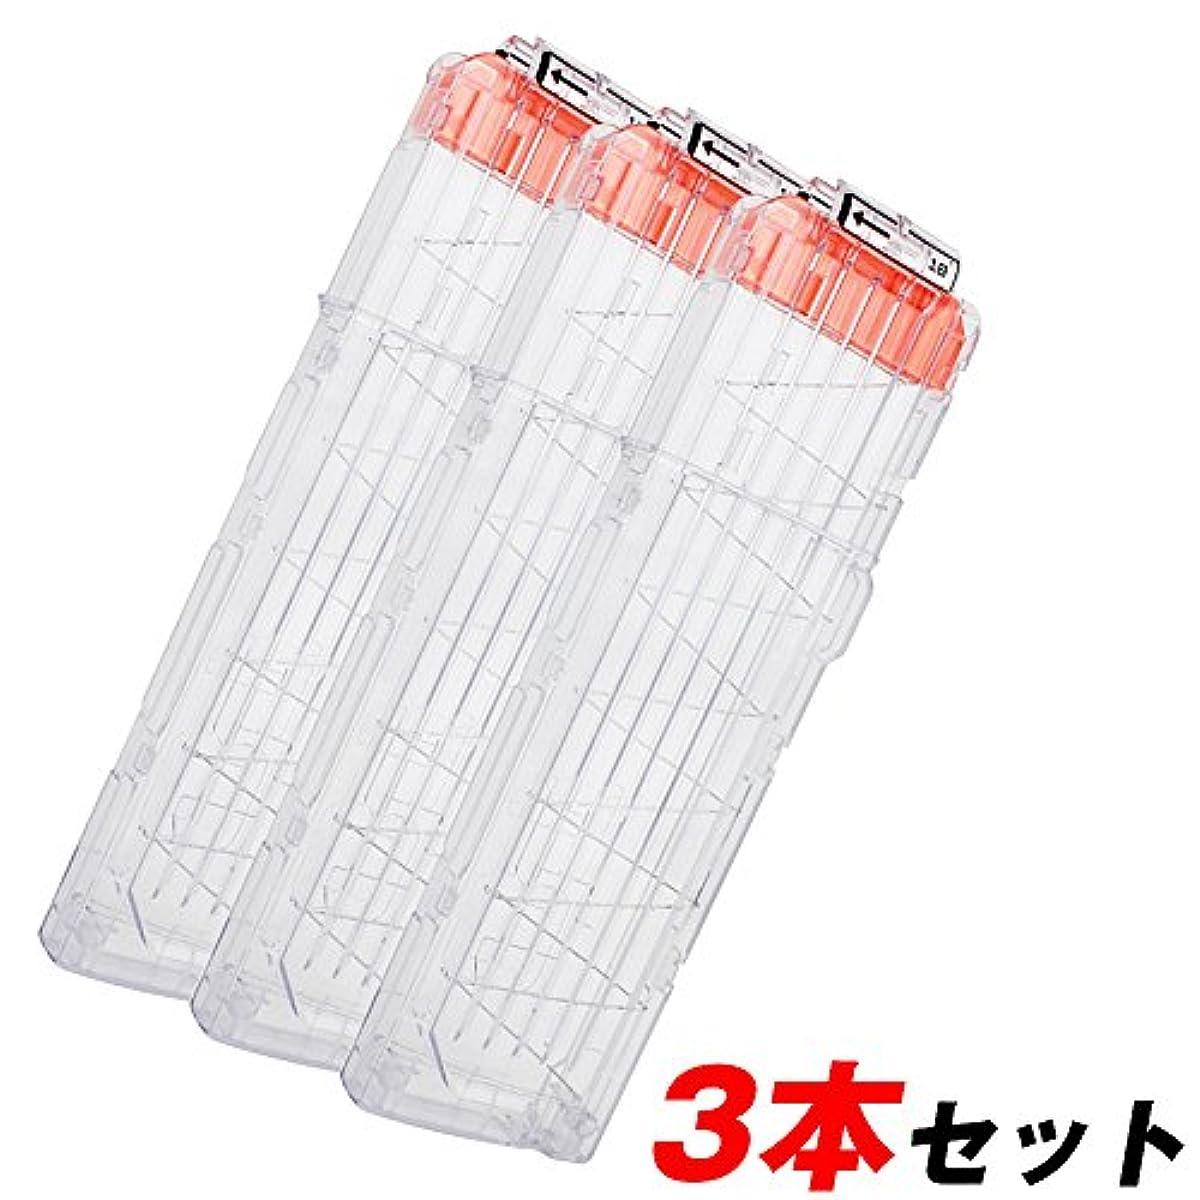 [해외] 너프용 매거진 다트 클립 N-스트라이크 엘리트 블래스터 1개당 18 발고속 릴로드 3개 세트